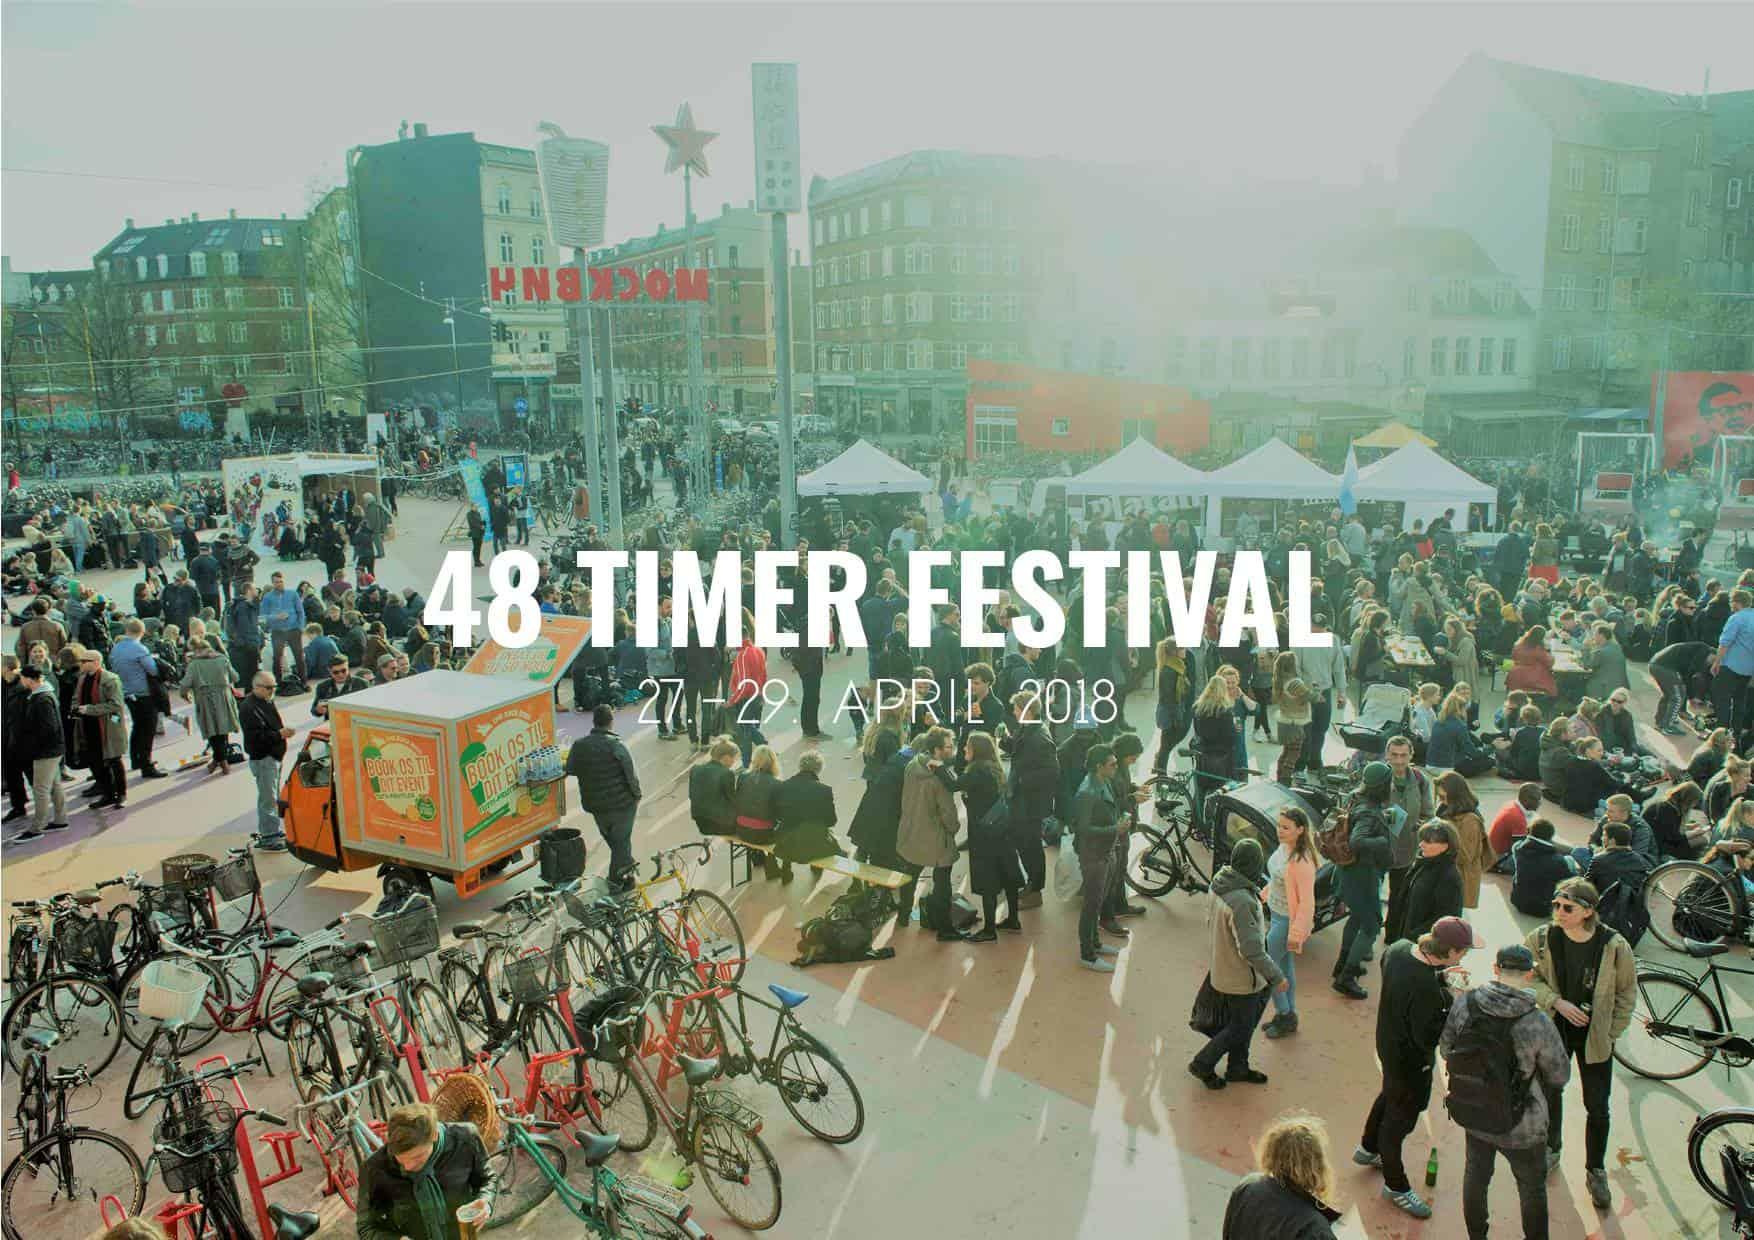 48timer_festival_nørrebro